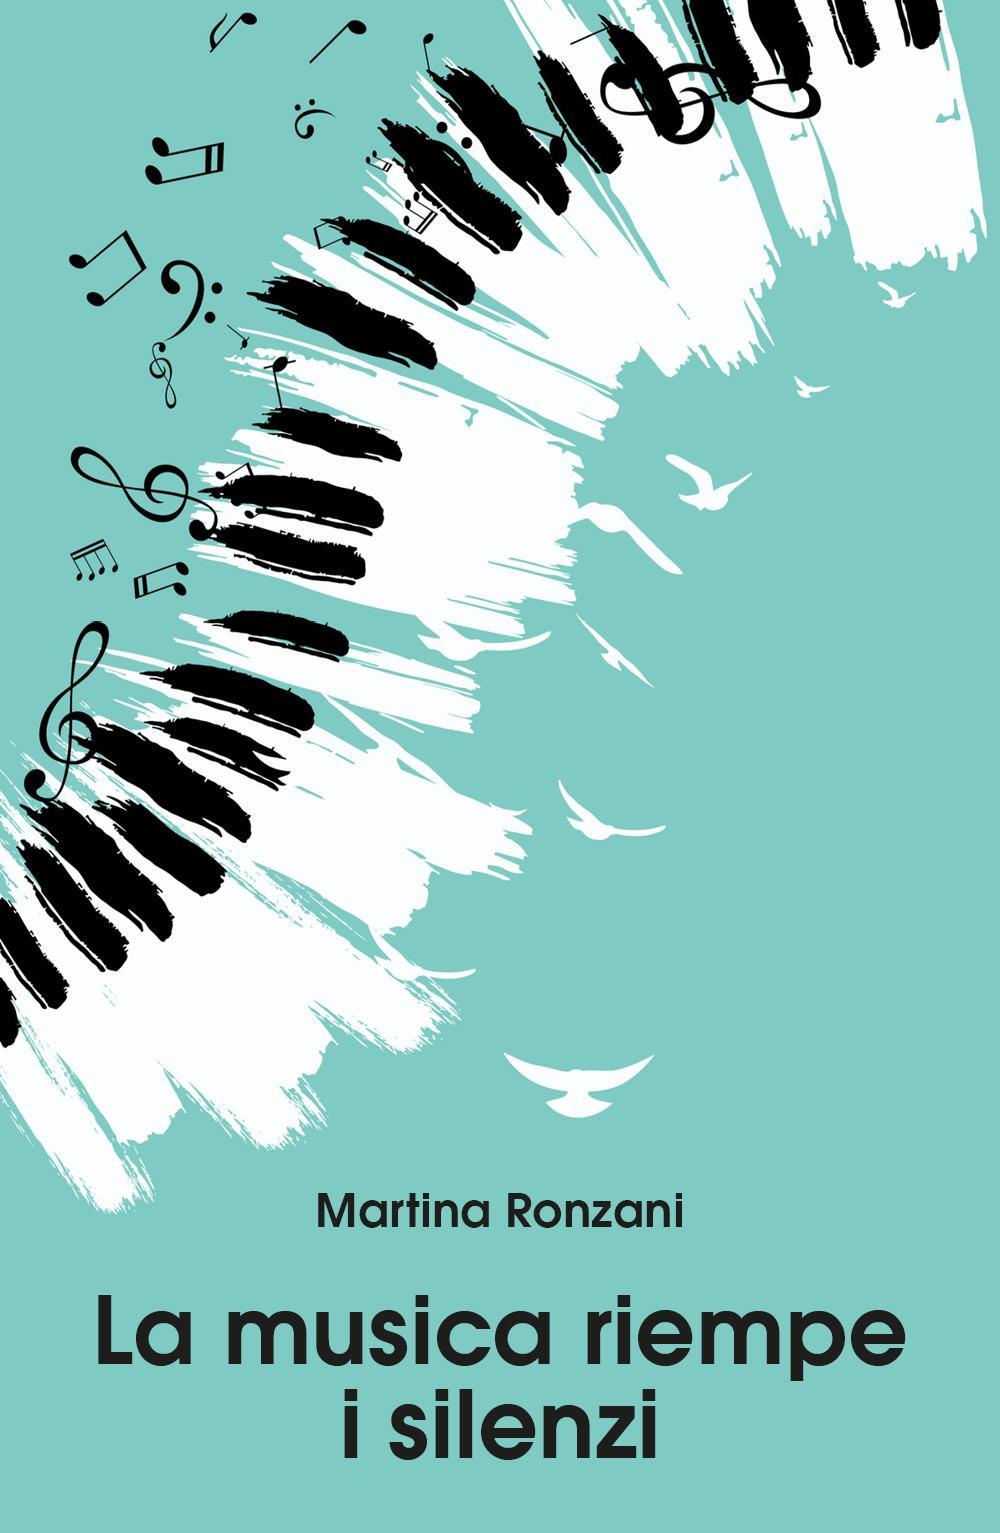 La musica riempe i silenzi